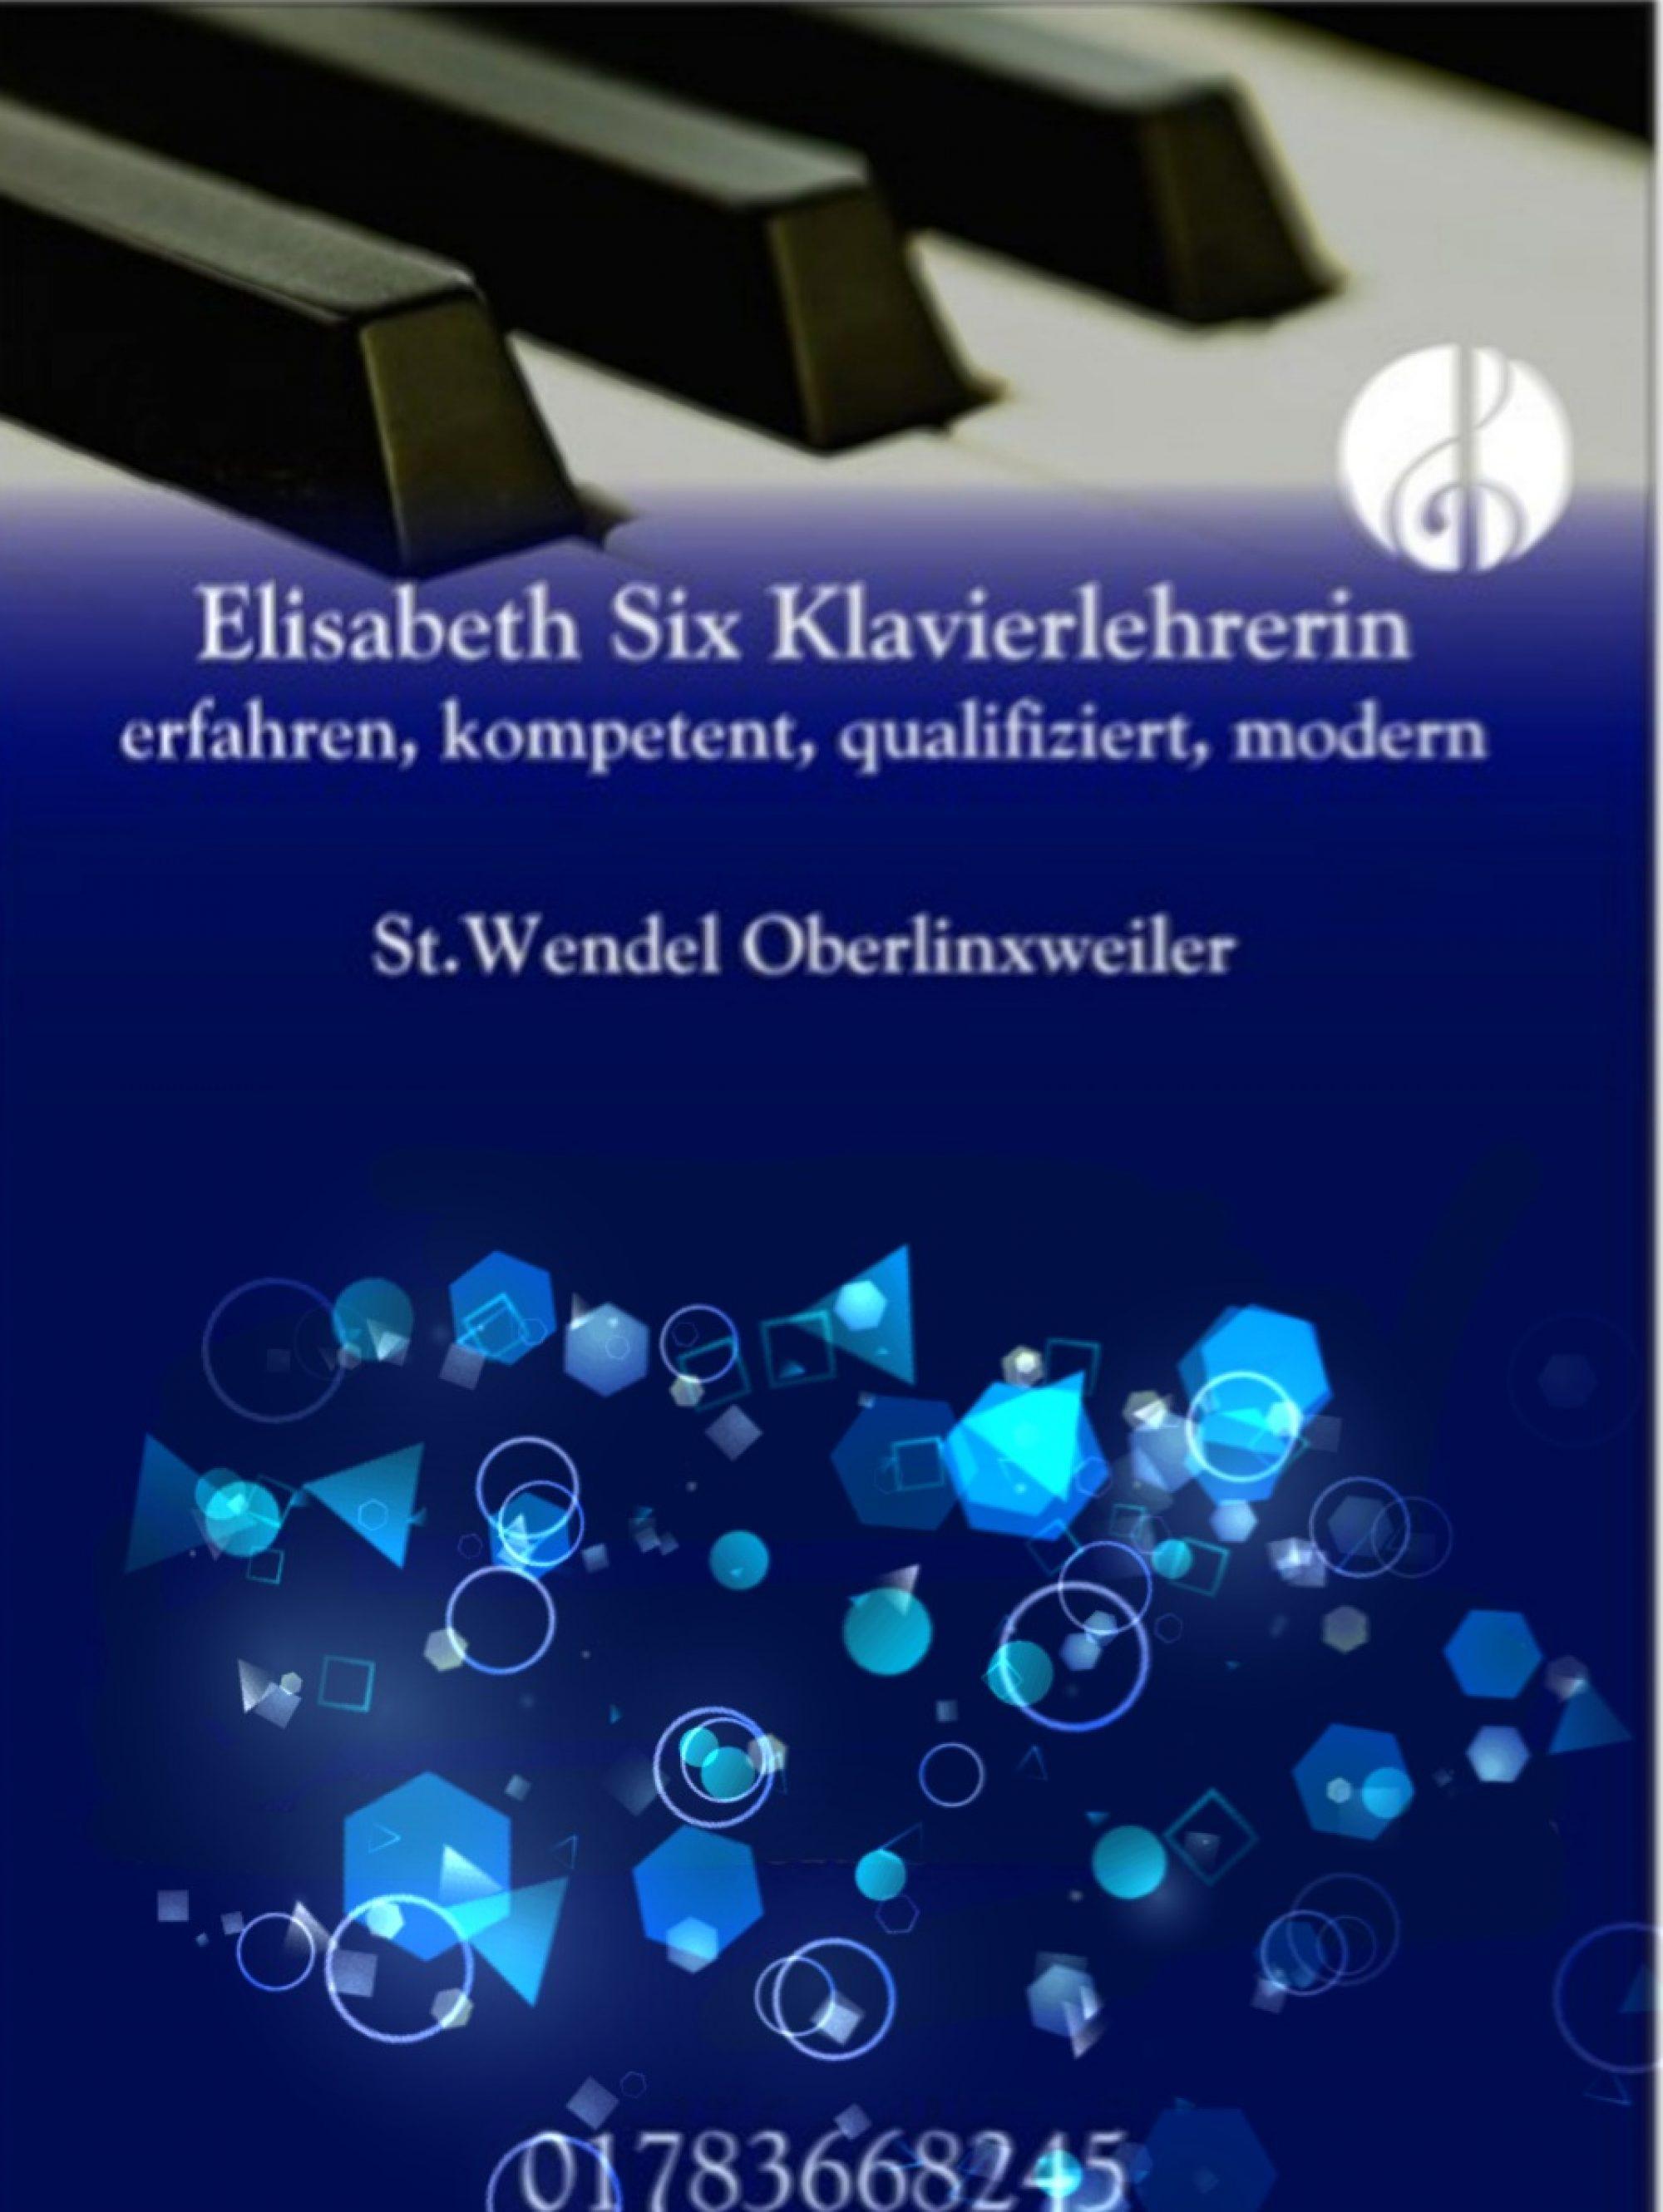 Klavierunterricht in St.Wendel Elisabeth Six